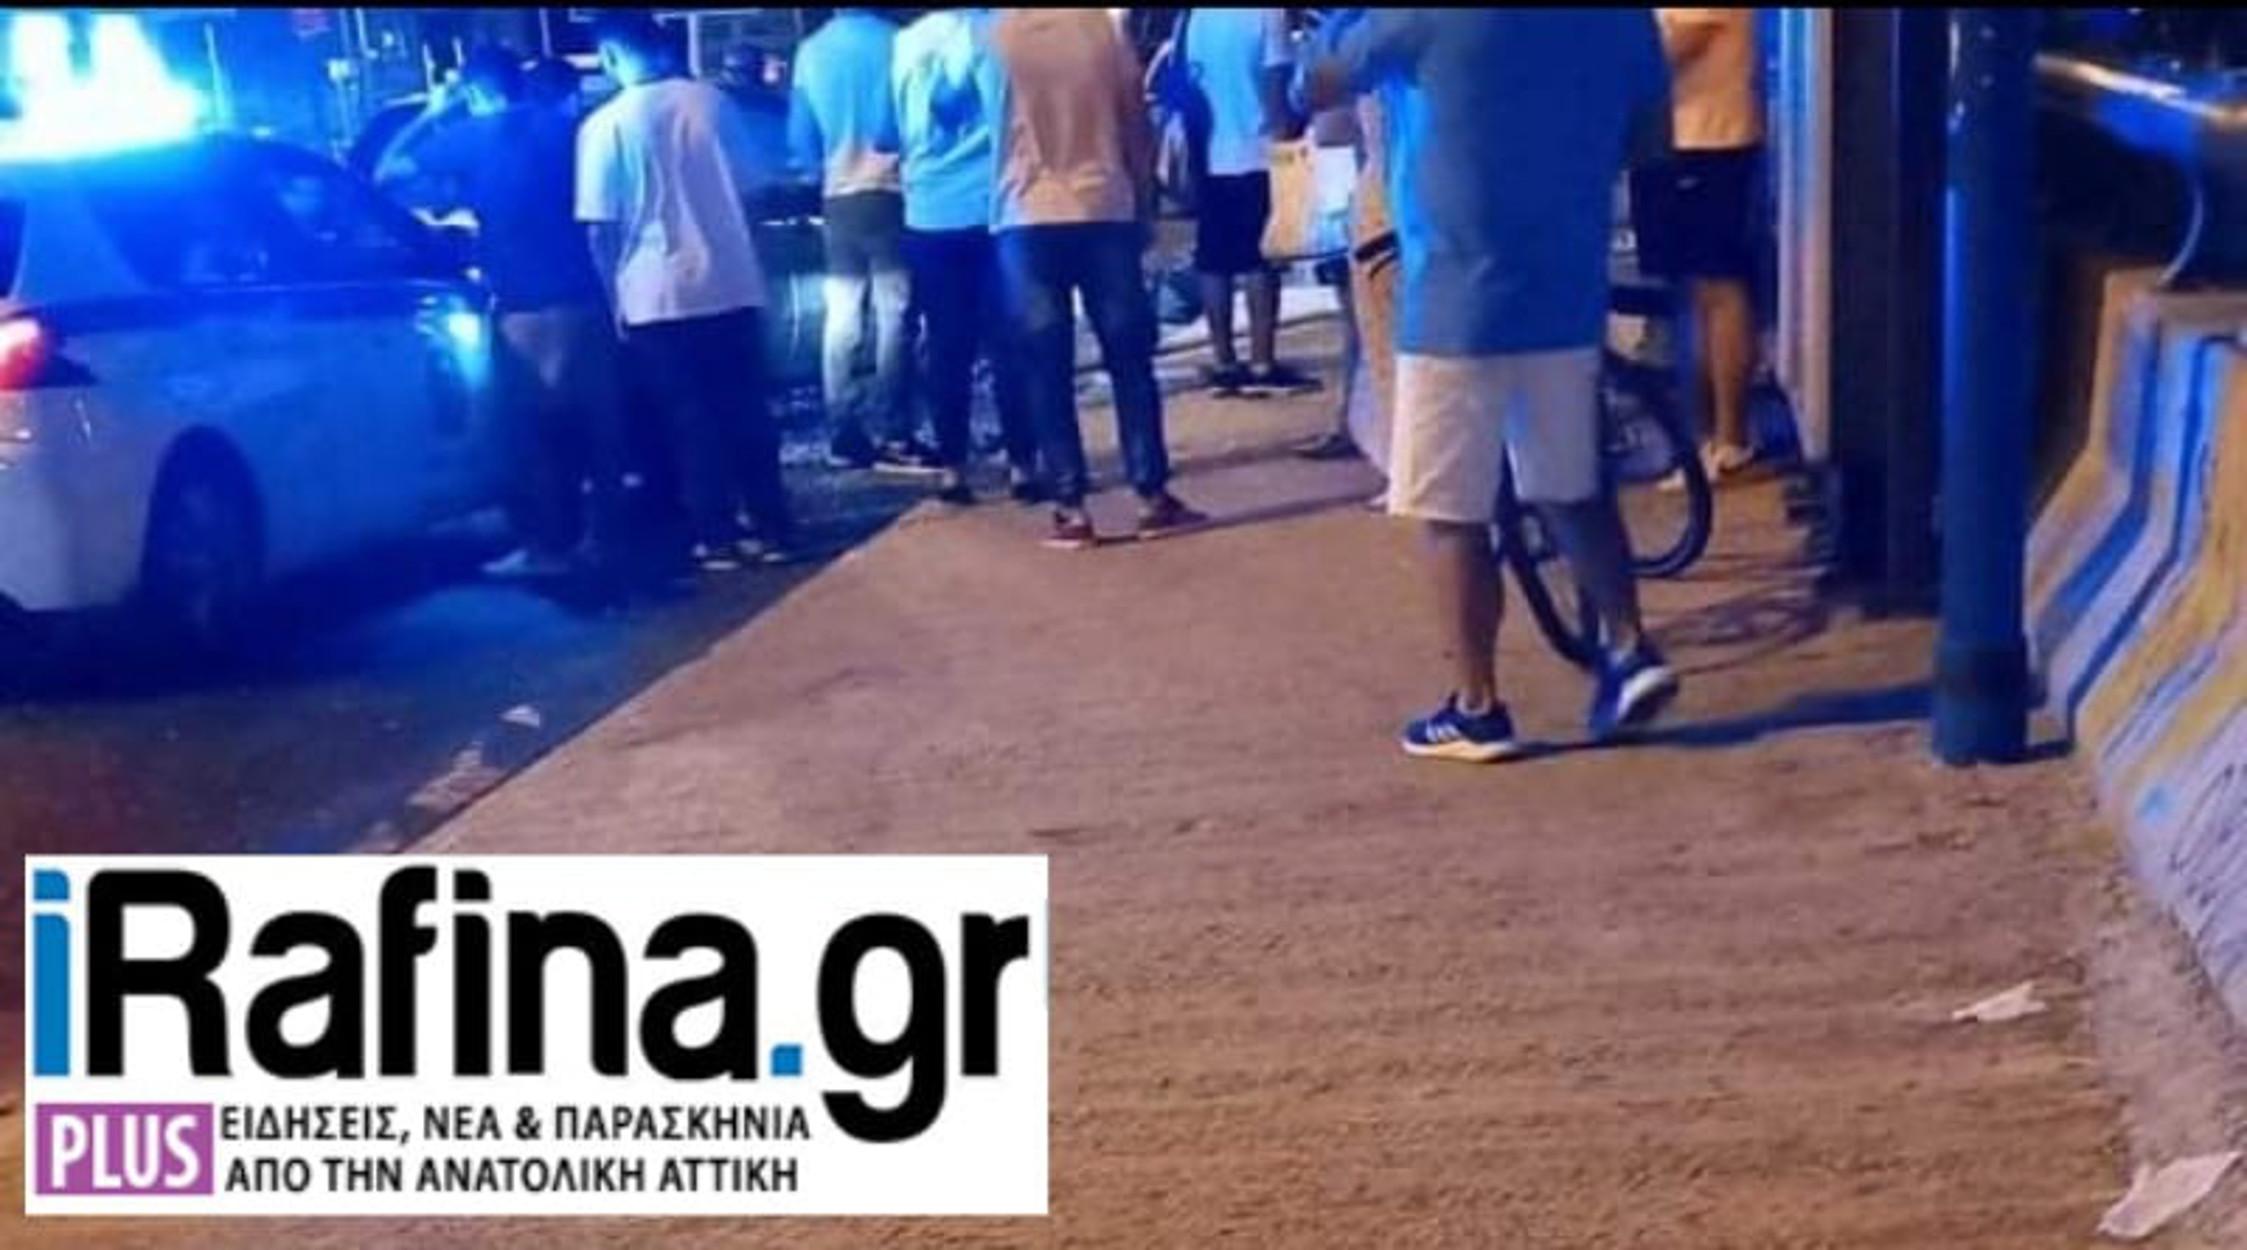 Παλλήνη: Αυτοκίνητο έπεσε πάνω σε στάση – 1 νεκρός και 5 τραυματίες